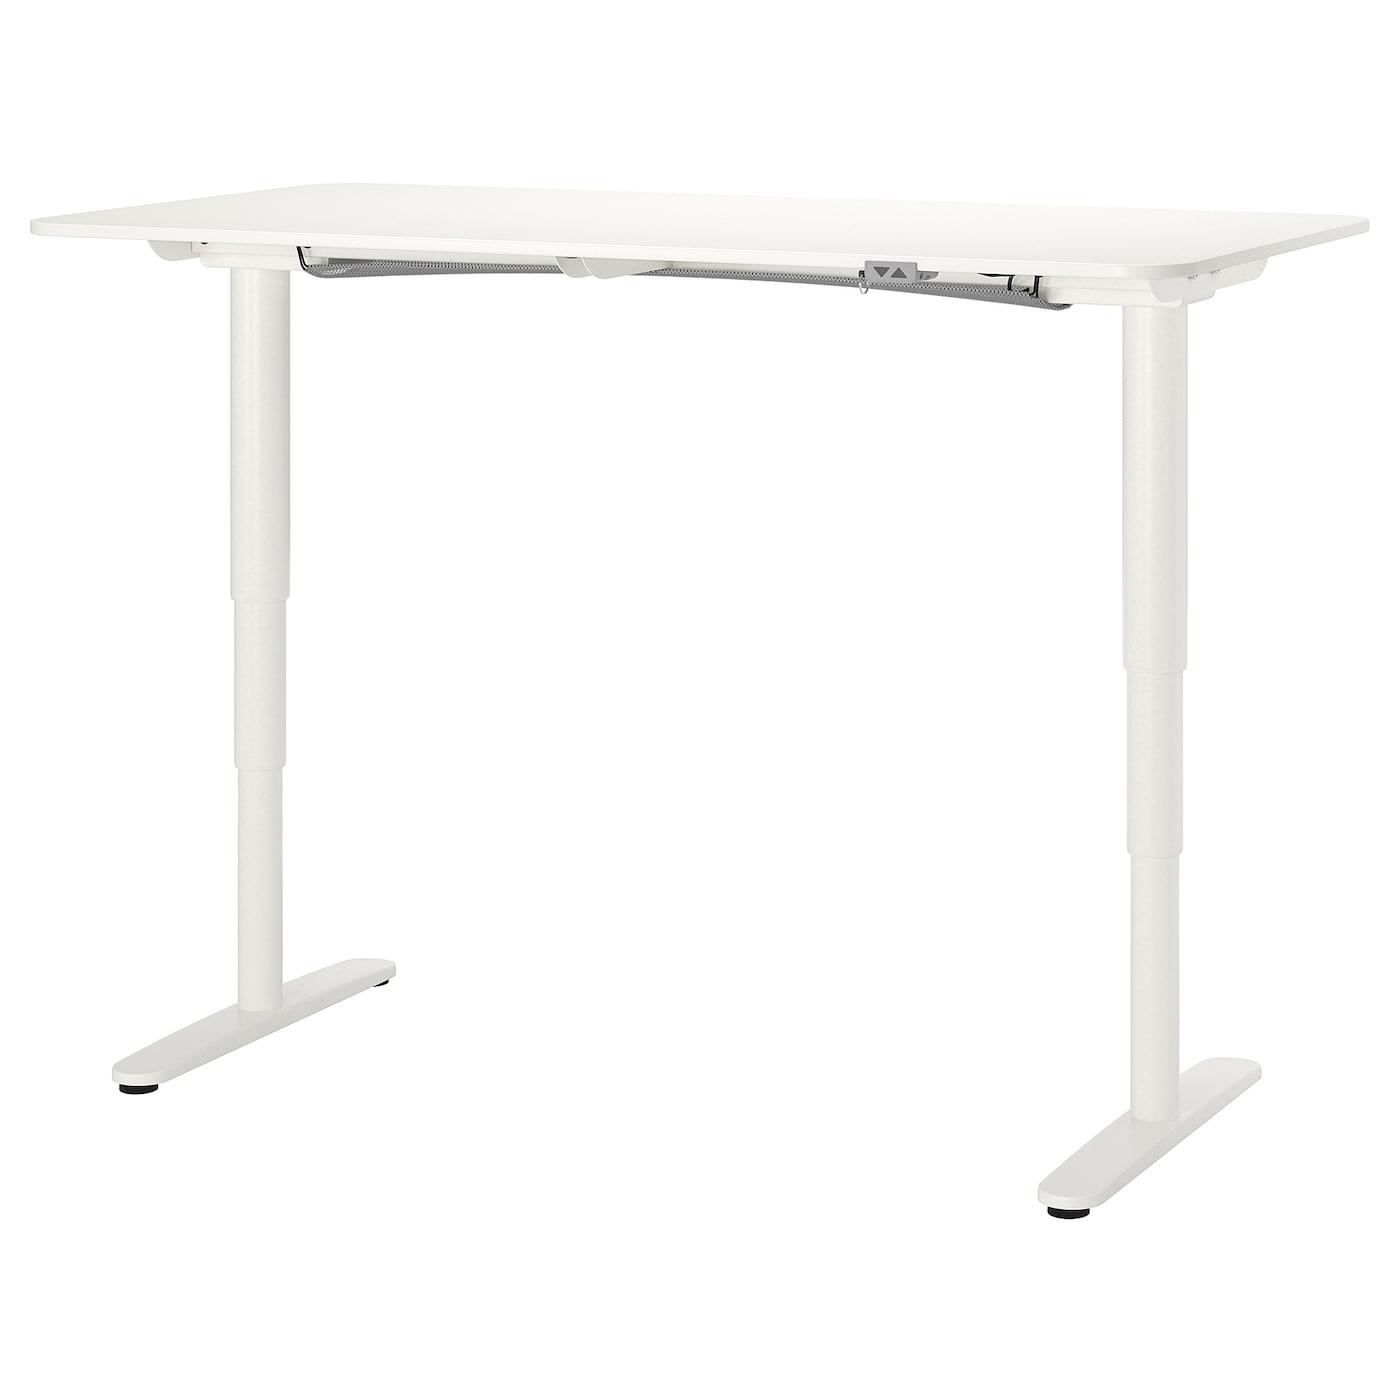 BEKANT ベカント デスク 昇降式 - ホワイト - IKEA